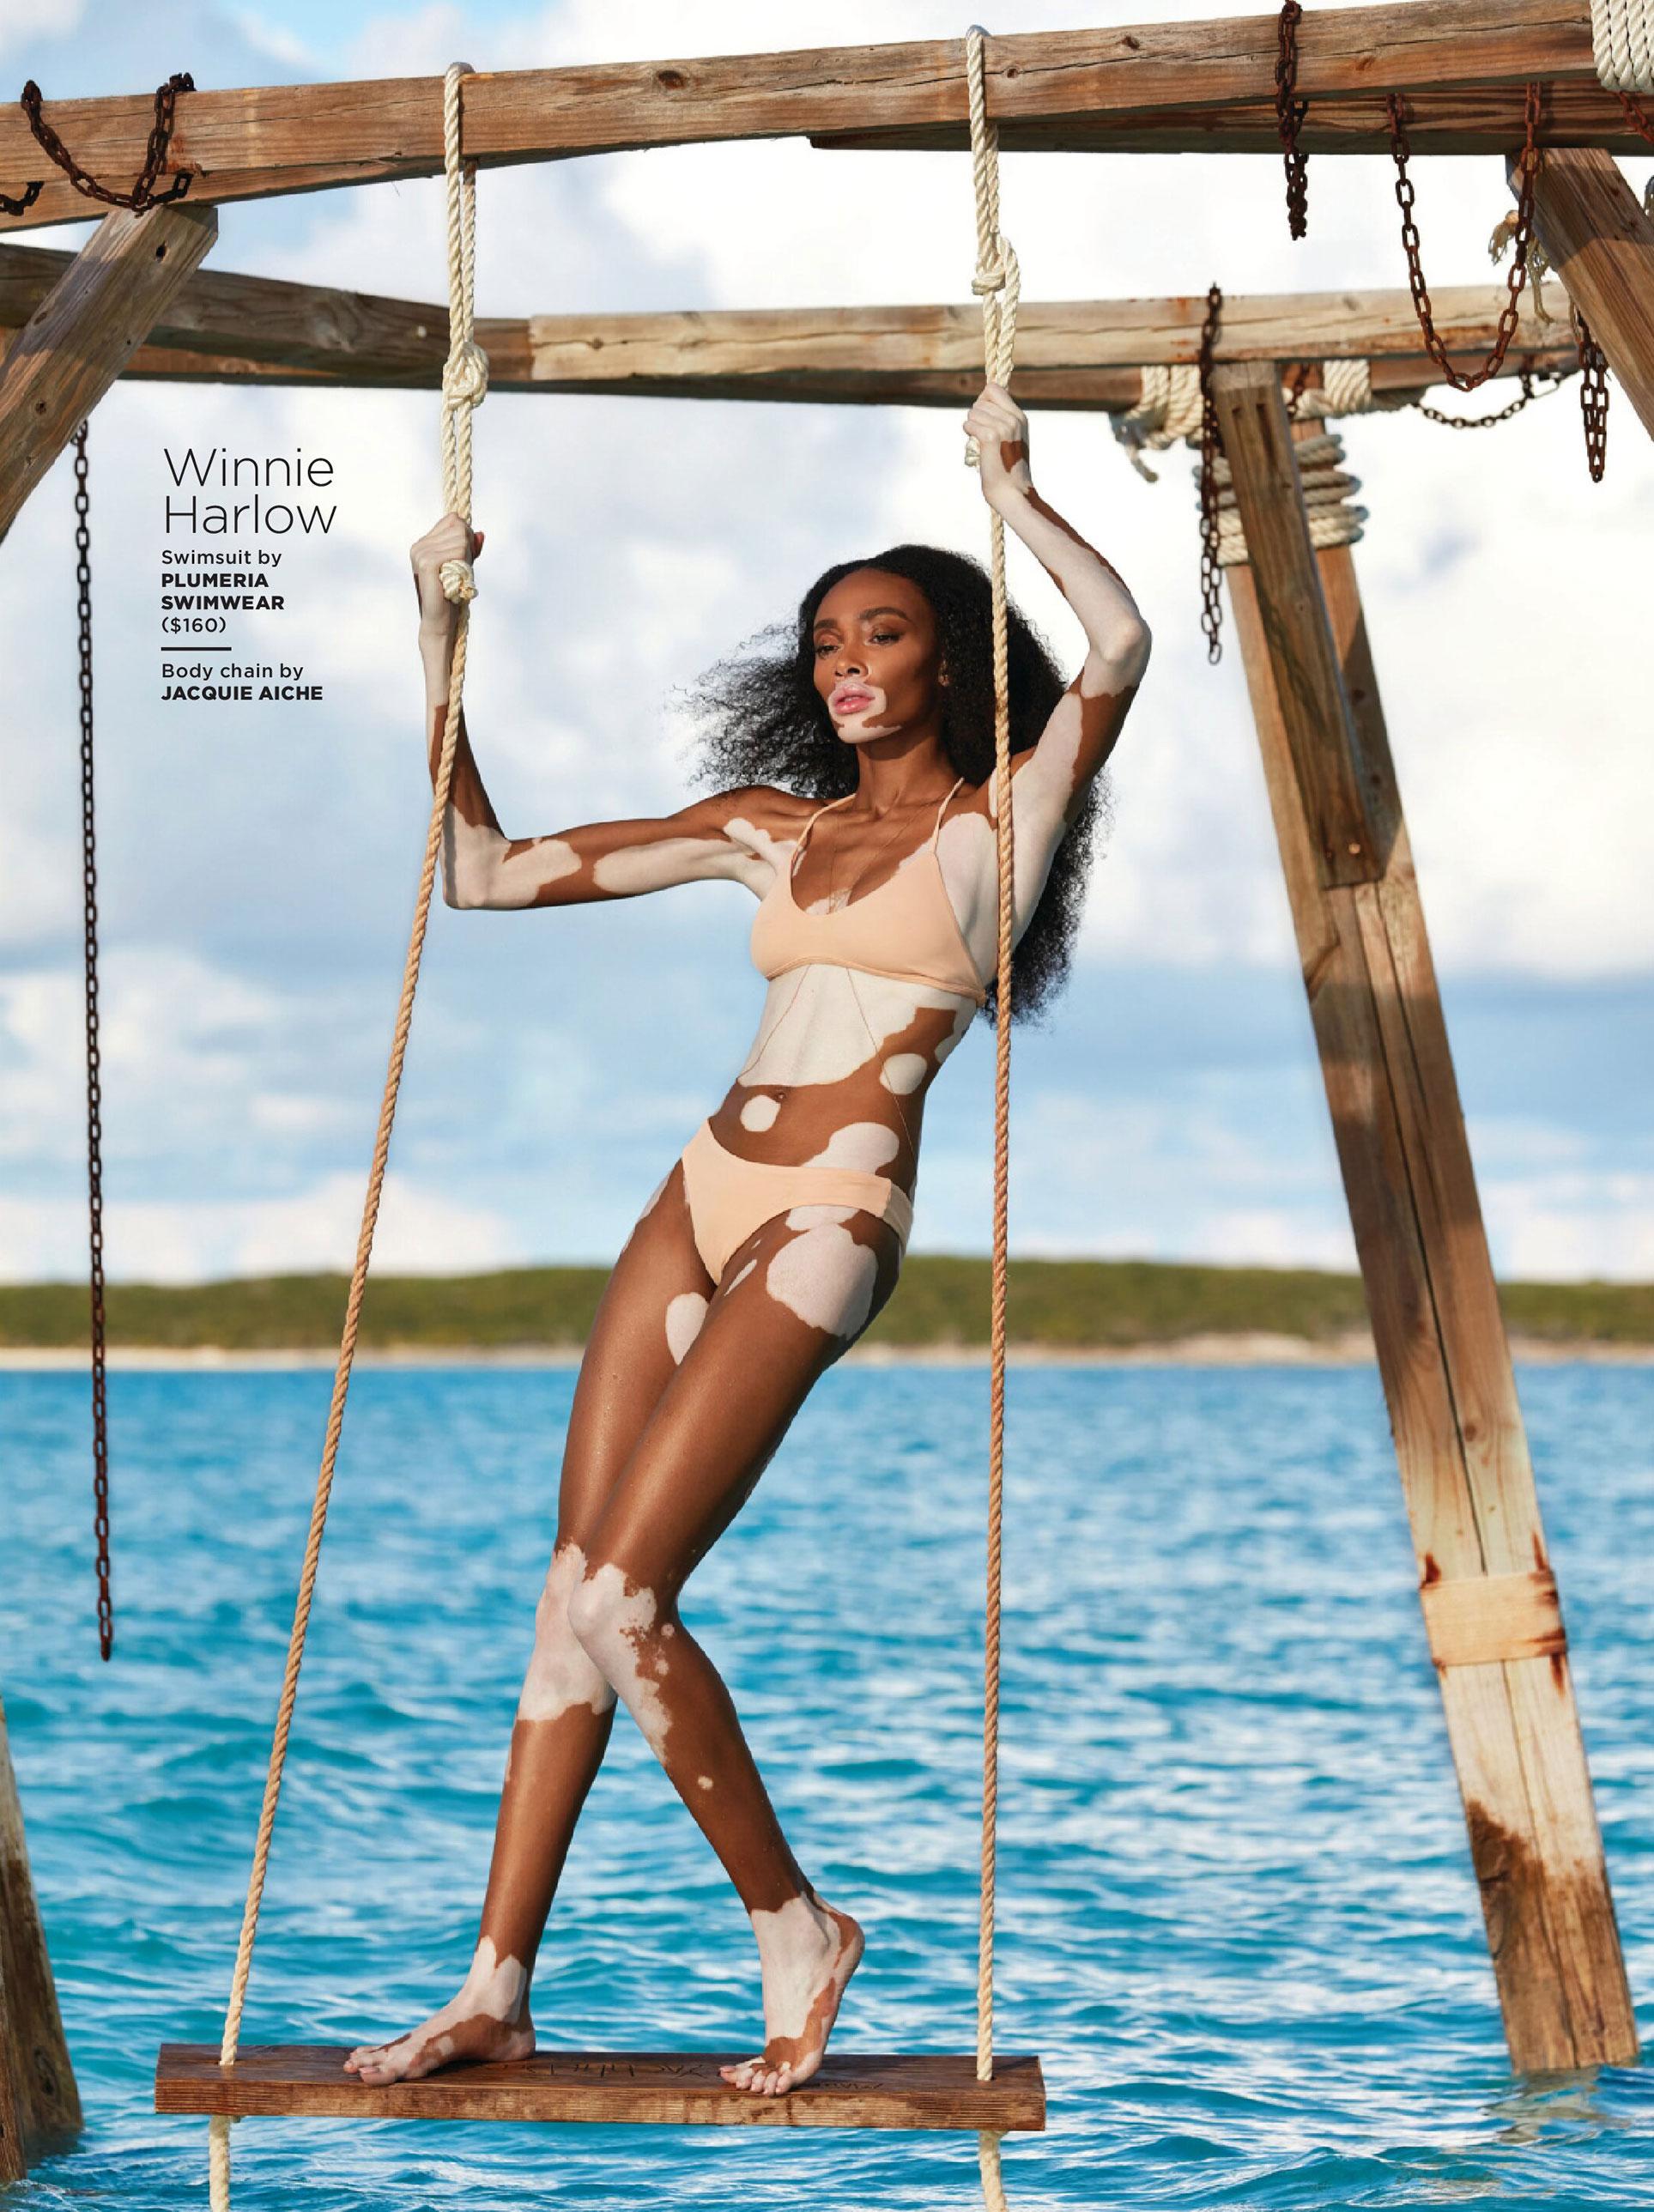 каталог купальников Sports Illustrated Swimsuit 2019